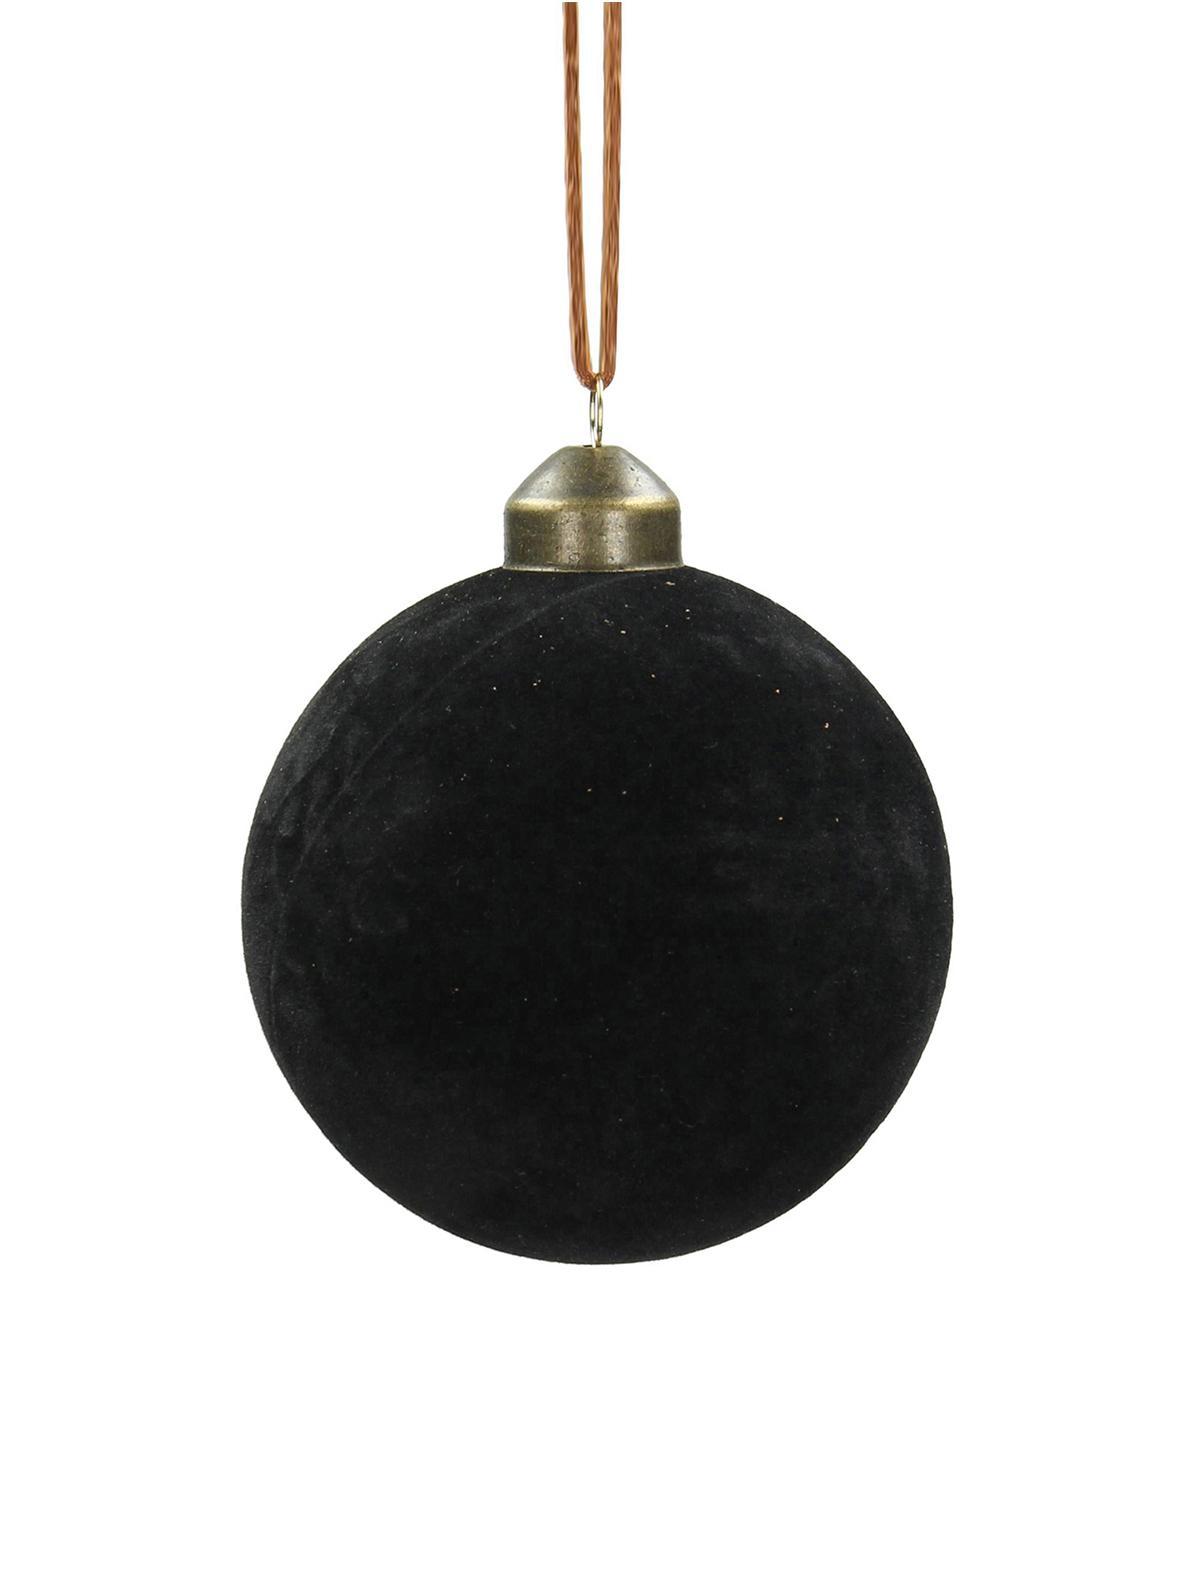 Palla di Natale Velvet Ø 8 cm, 4 pz, Vetro, velluto di poliestere, Nero, Ø 8 cm